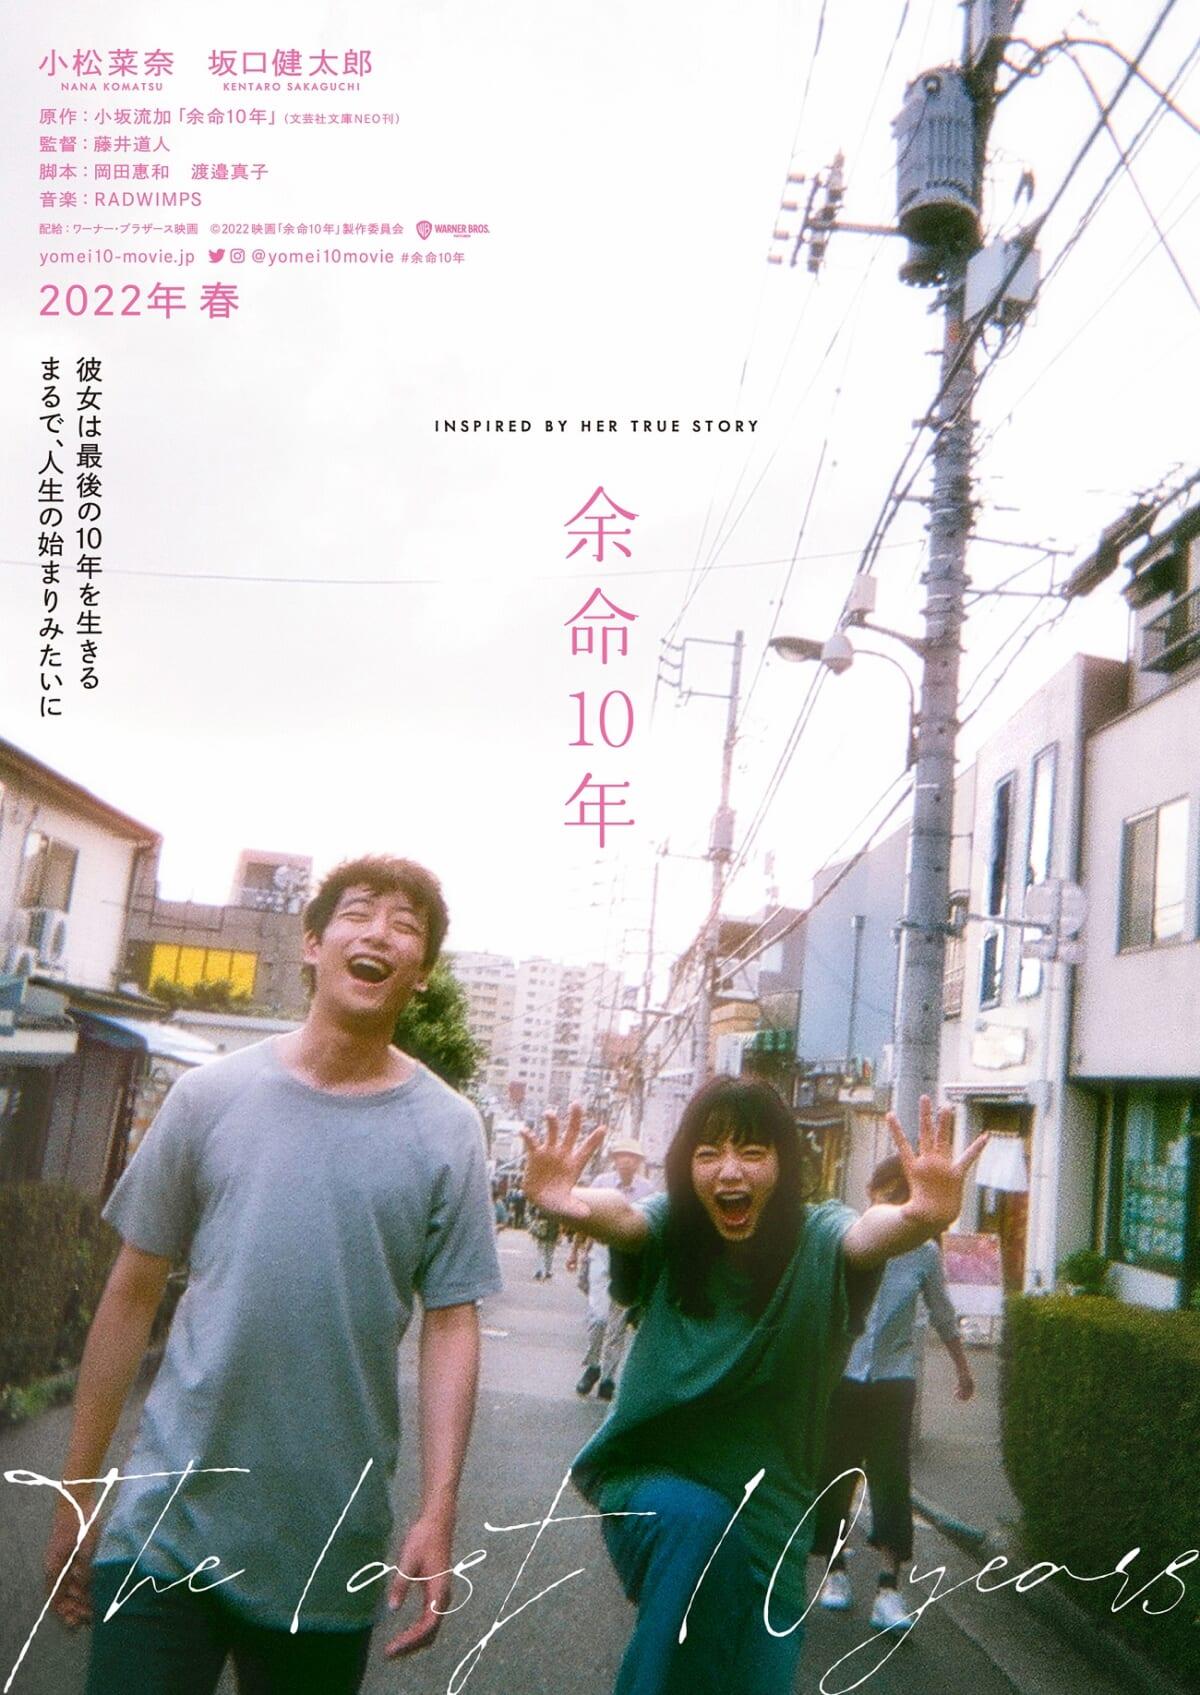 ©2022 映画「余命10年」製作委員会